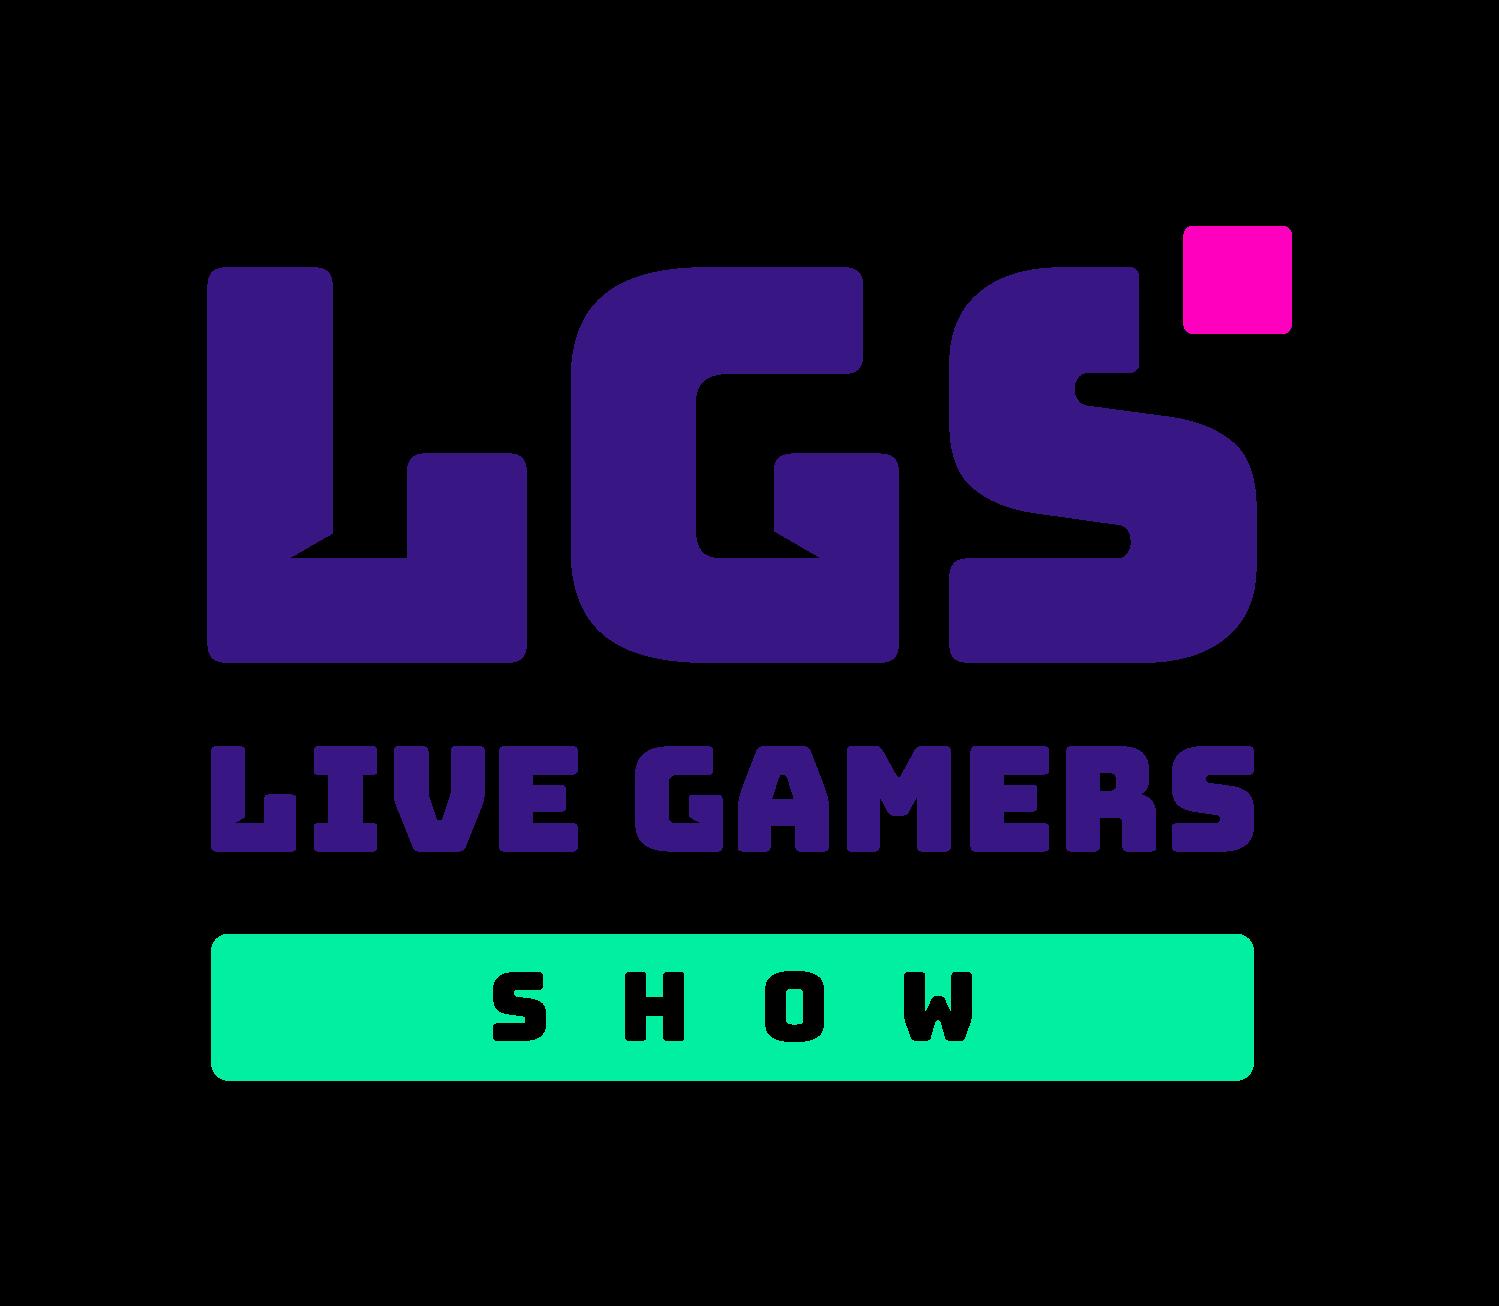 Educación, salud y videojuegos en las sesiones gratuitas de Live Gamers Show